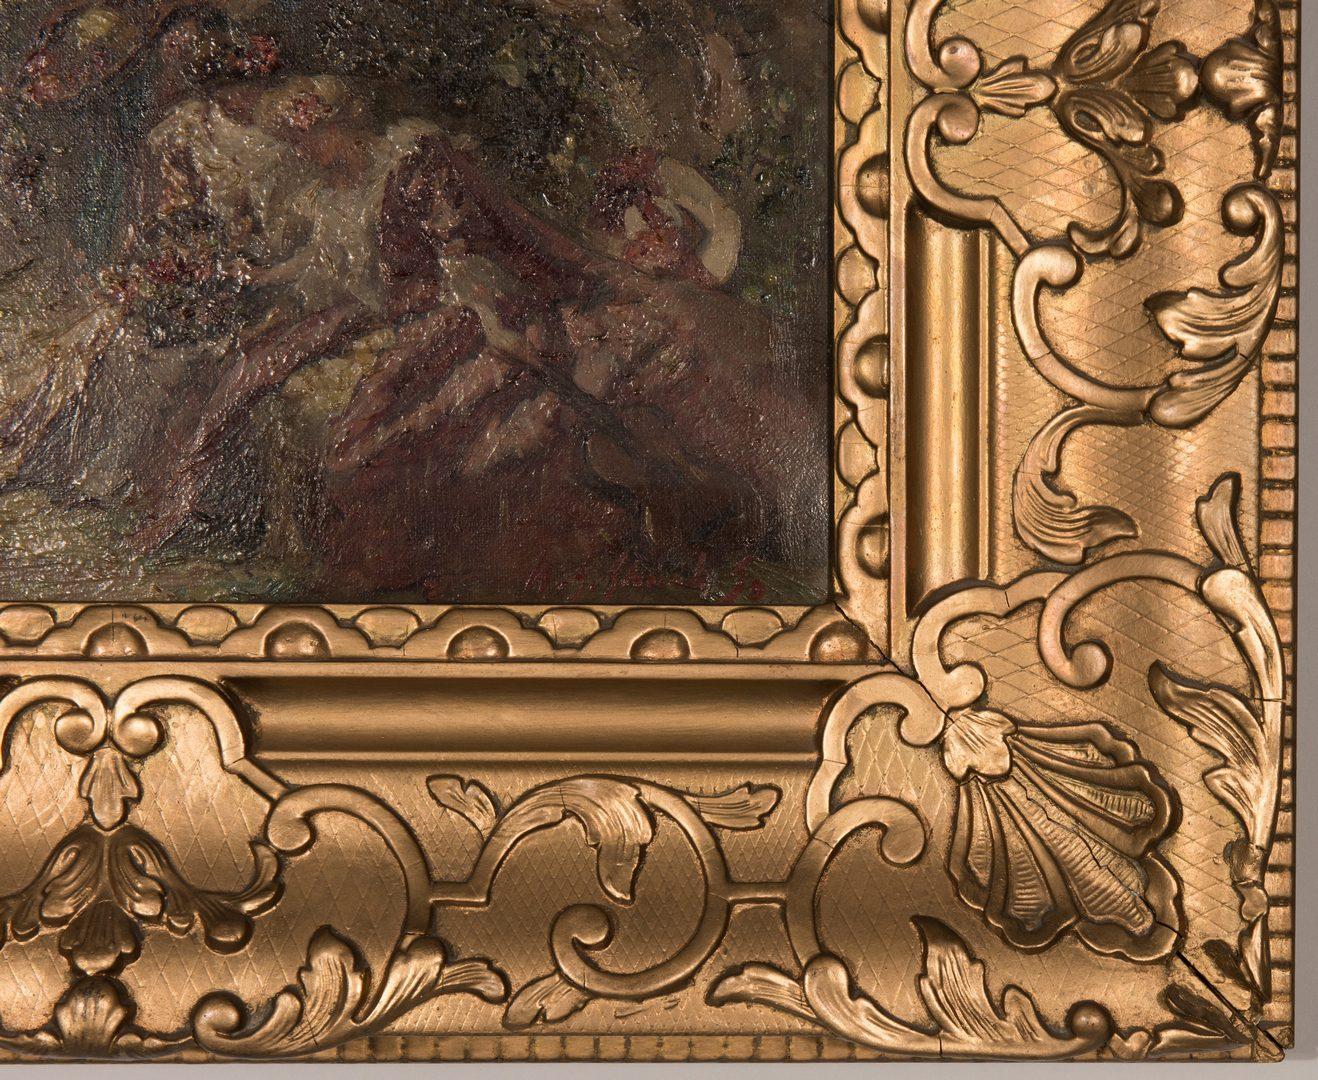 Lot 368: Wm. Somerville Shanks O/C Impressionistic Landscape